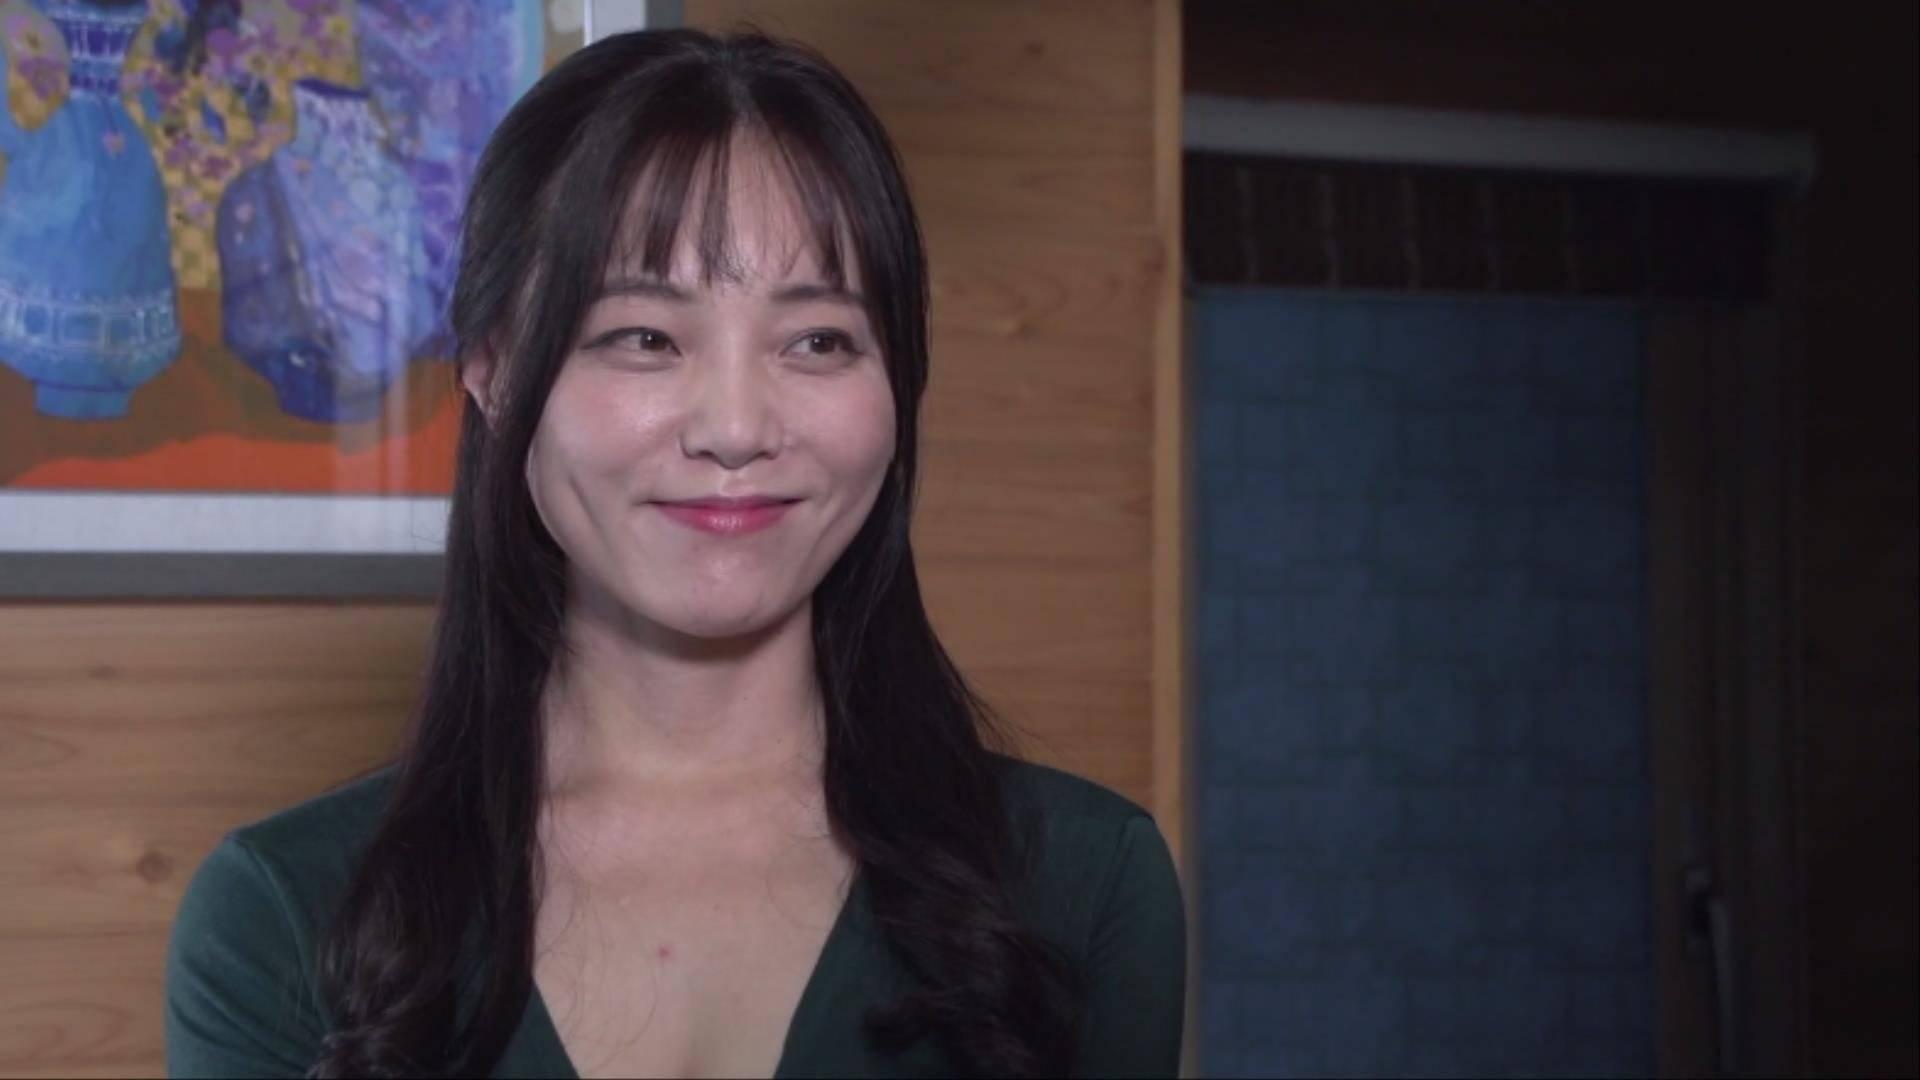 Korean women spanked by white men